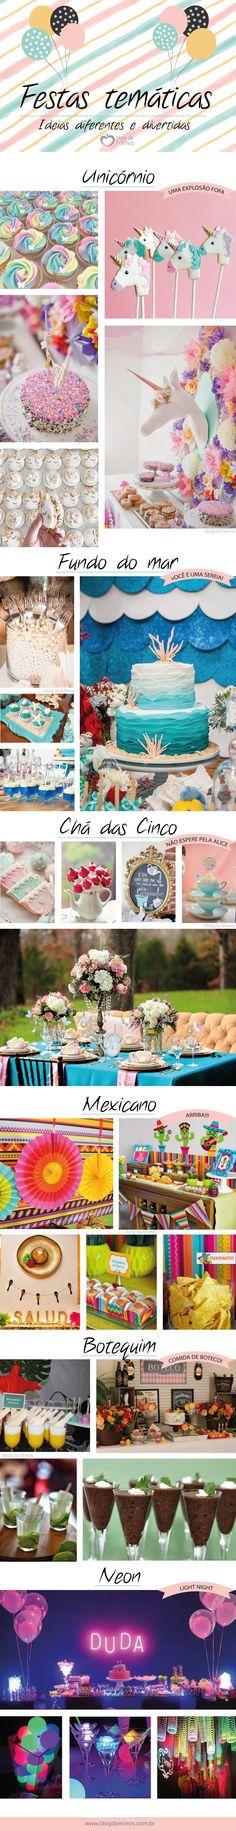 Festas temáticas: ideias diferentes e divertidas - Blog da Mimis #infográfico #blogdamimis #decoração #decor #festa